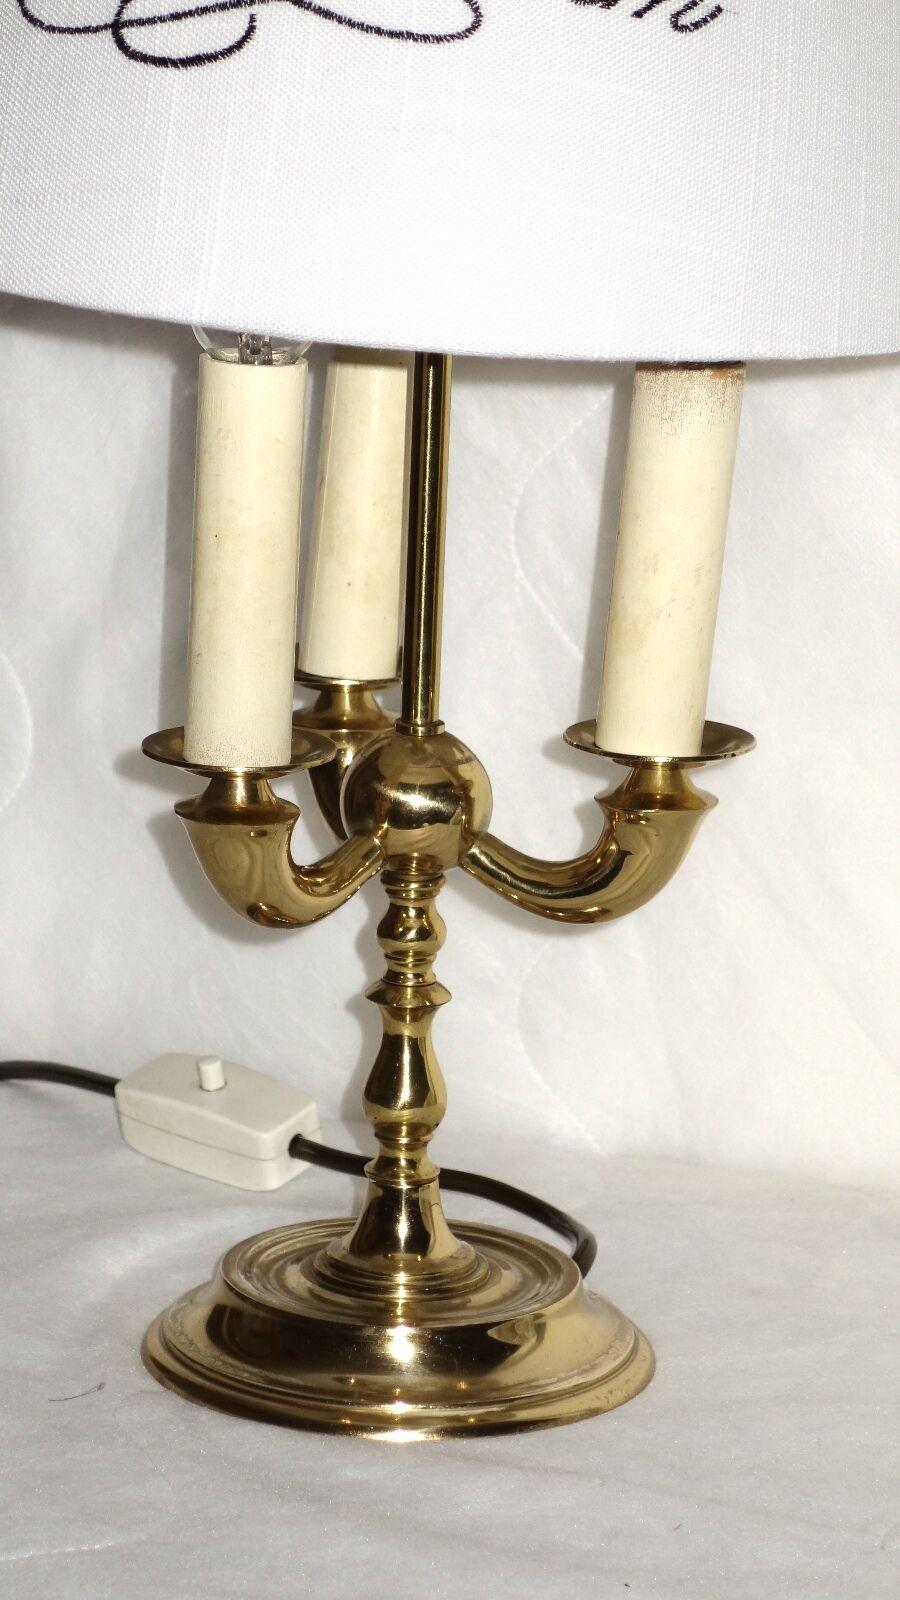 Antique Laiton-tissu Laiton-tissu Antique Parapluie lampe de bureau 3 flamig hauteur 54 cm 7886f7